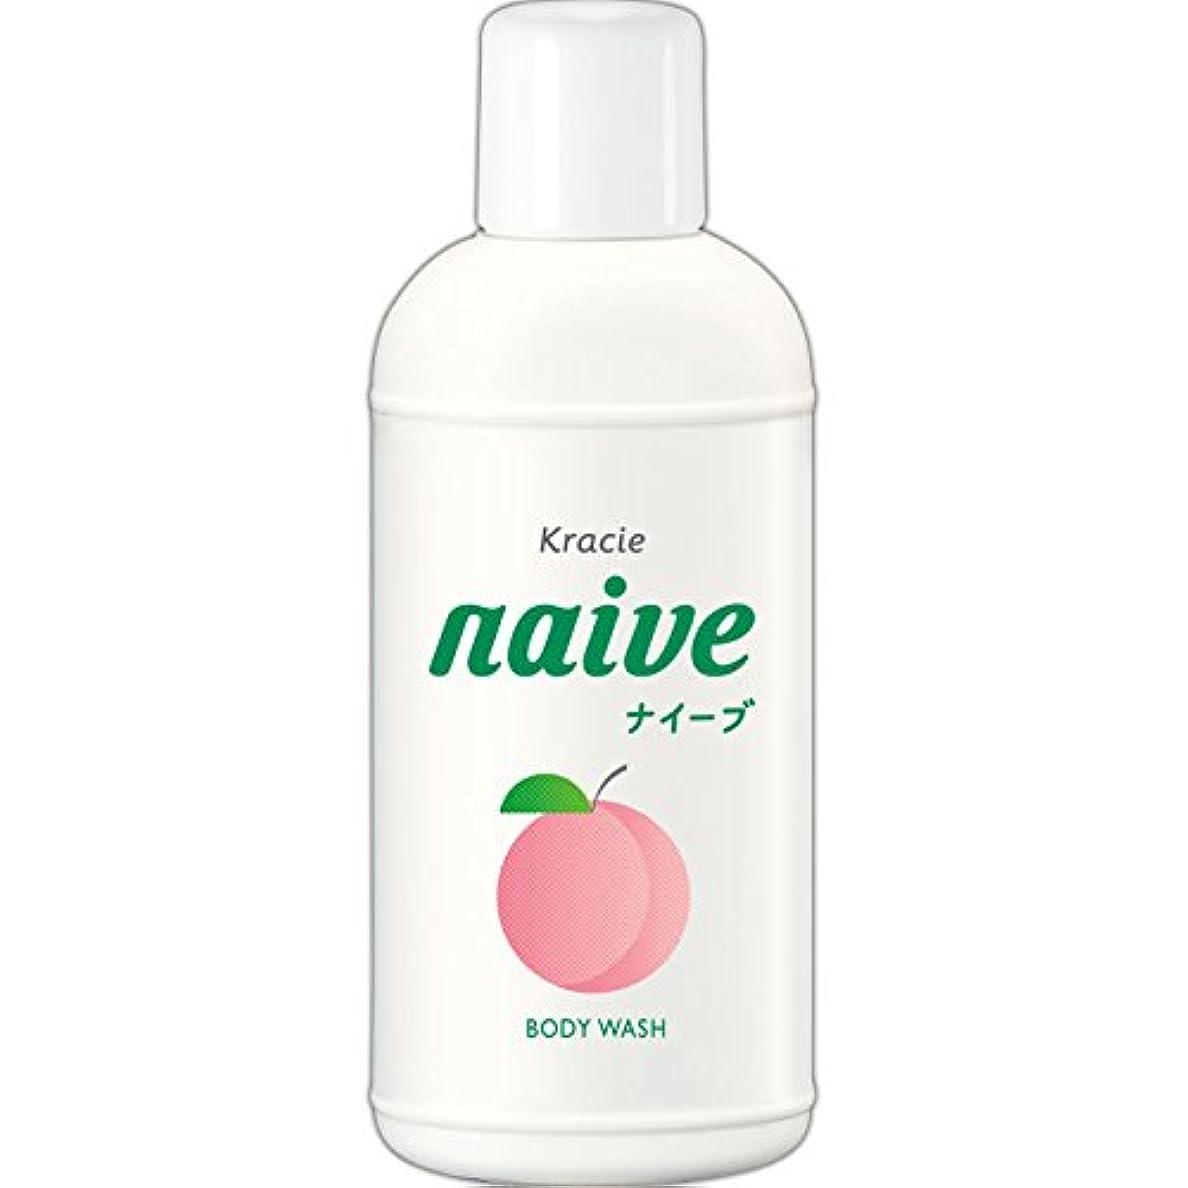 性能リスキーなもっともらしいナイーブ ボディソープ 桃の葉エキス配合 80ml